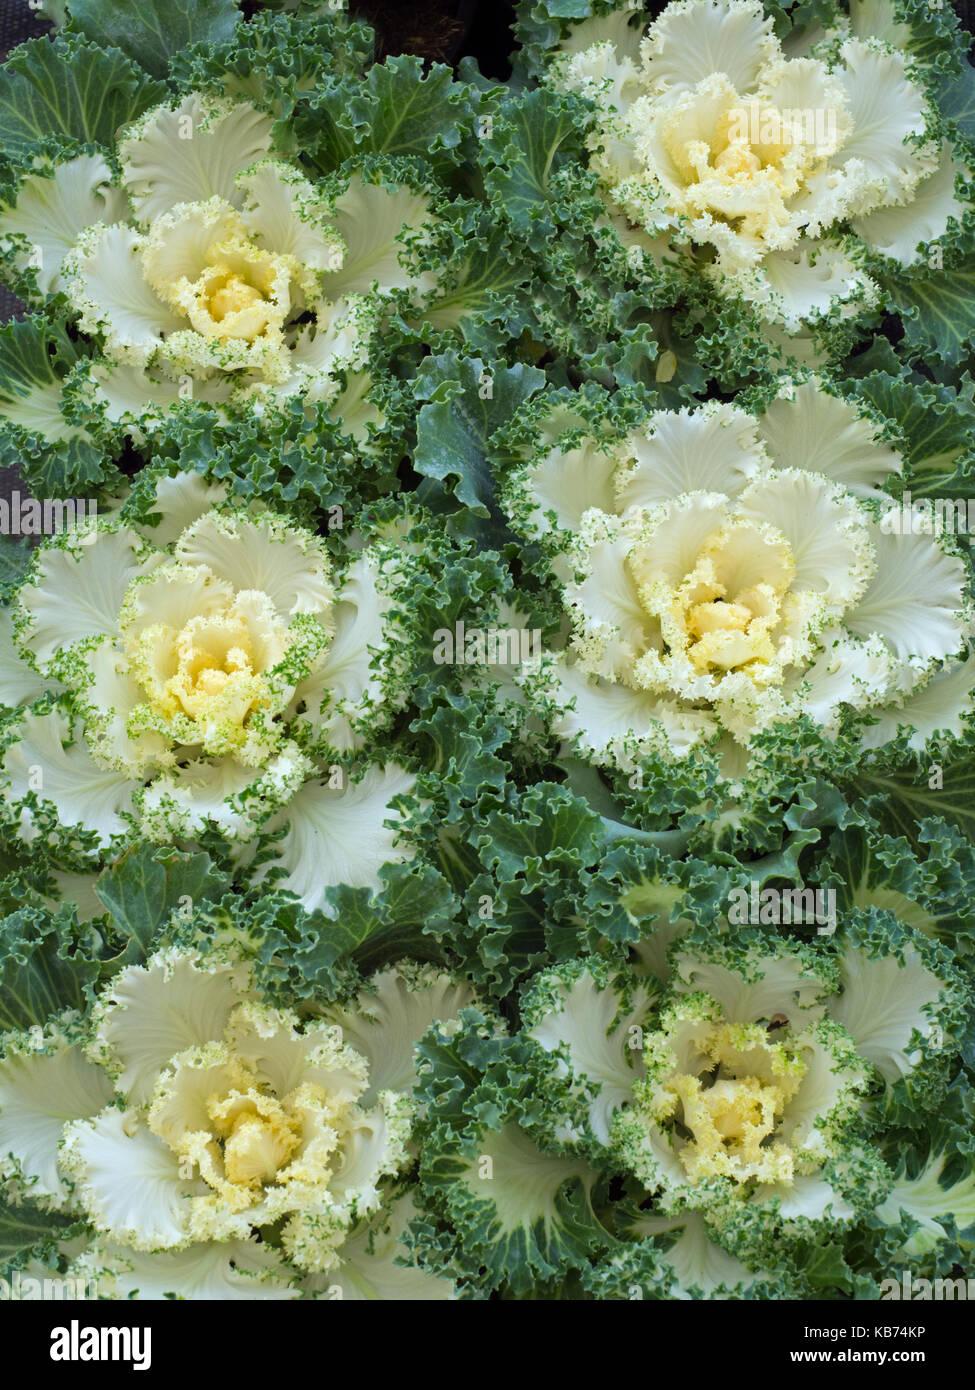 Nagoya White Ornamental Kale In Garden Border Stock Photo 161811882